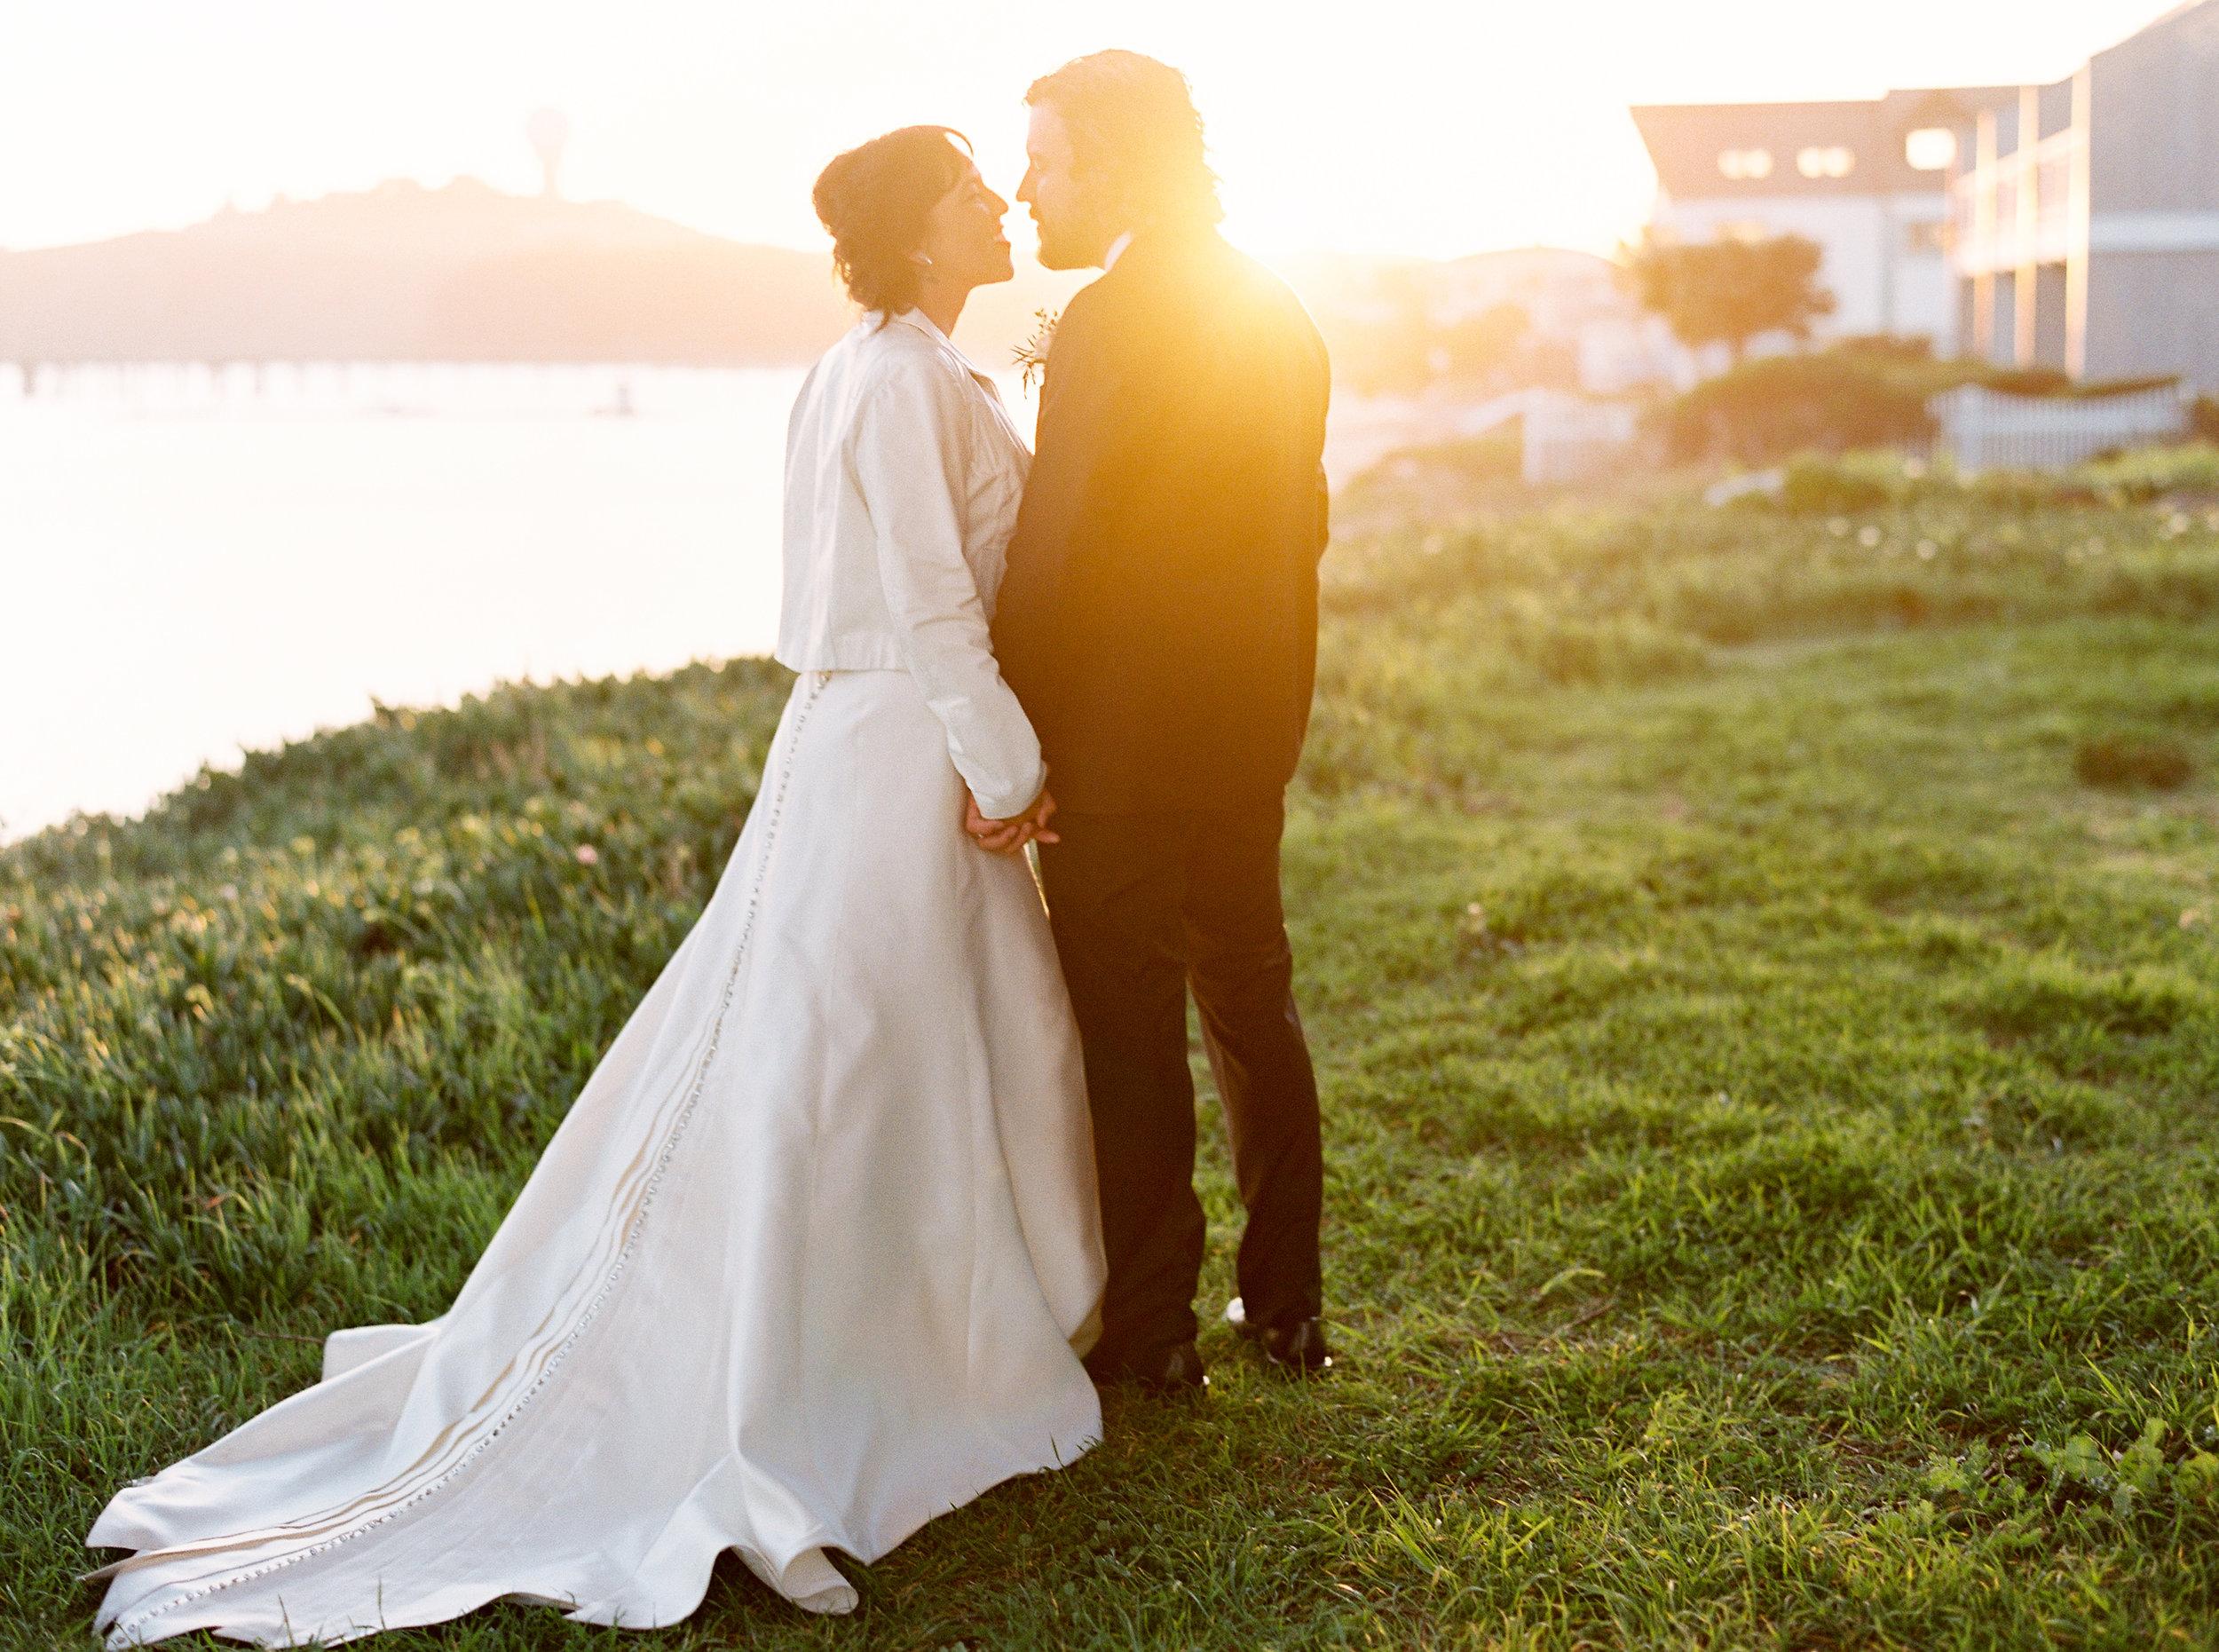 Mavericks-event-center-wedding-in-half-moon-bay-california604.jpg